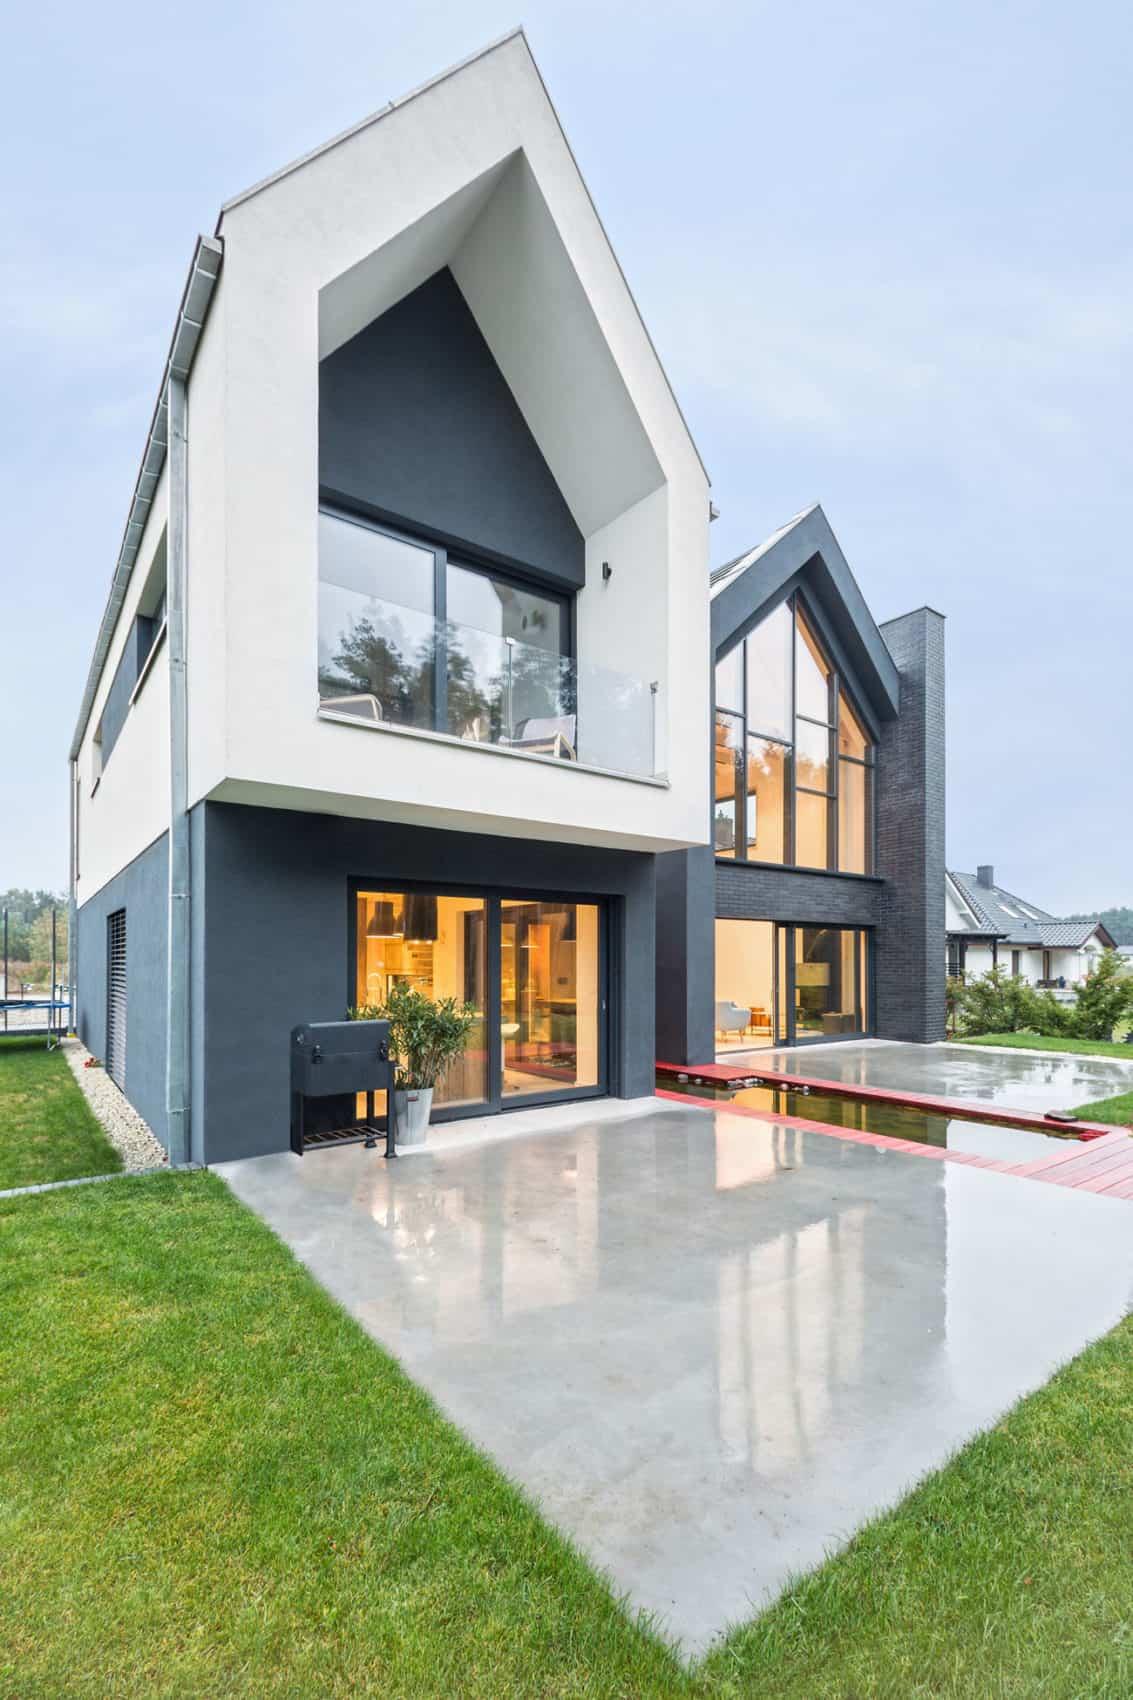 Fence House by mode:lina architekci (48)